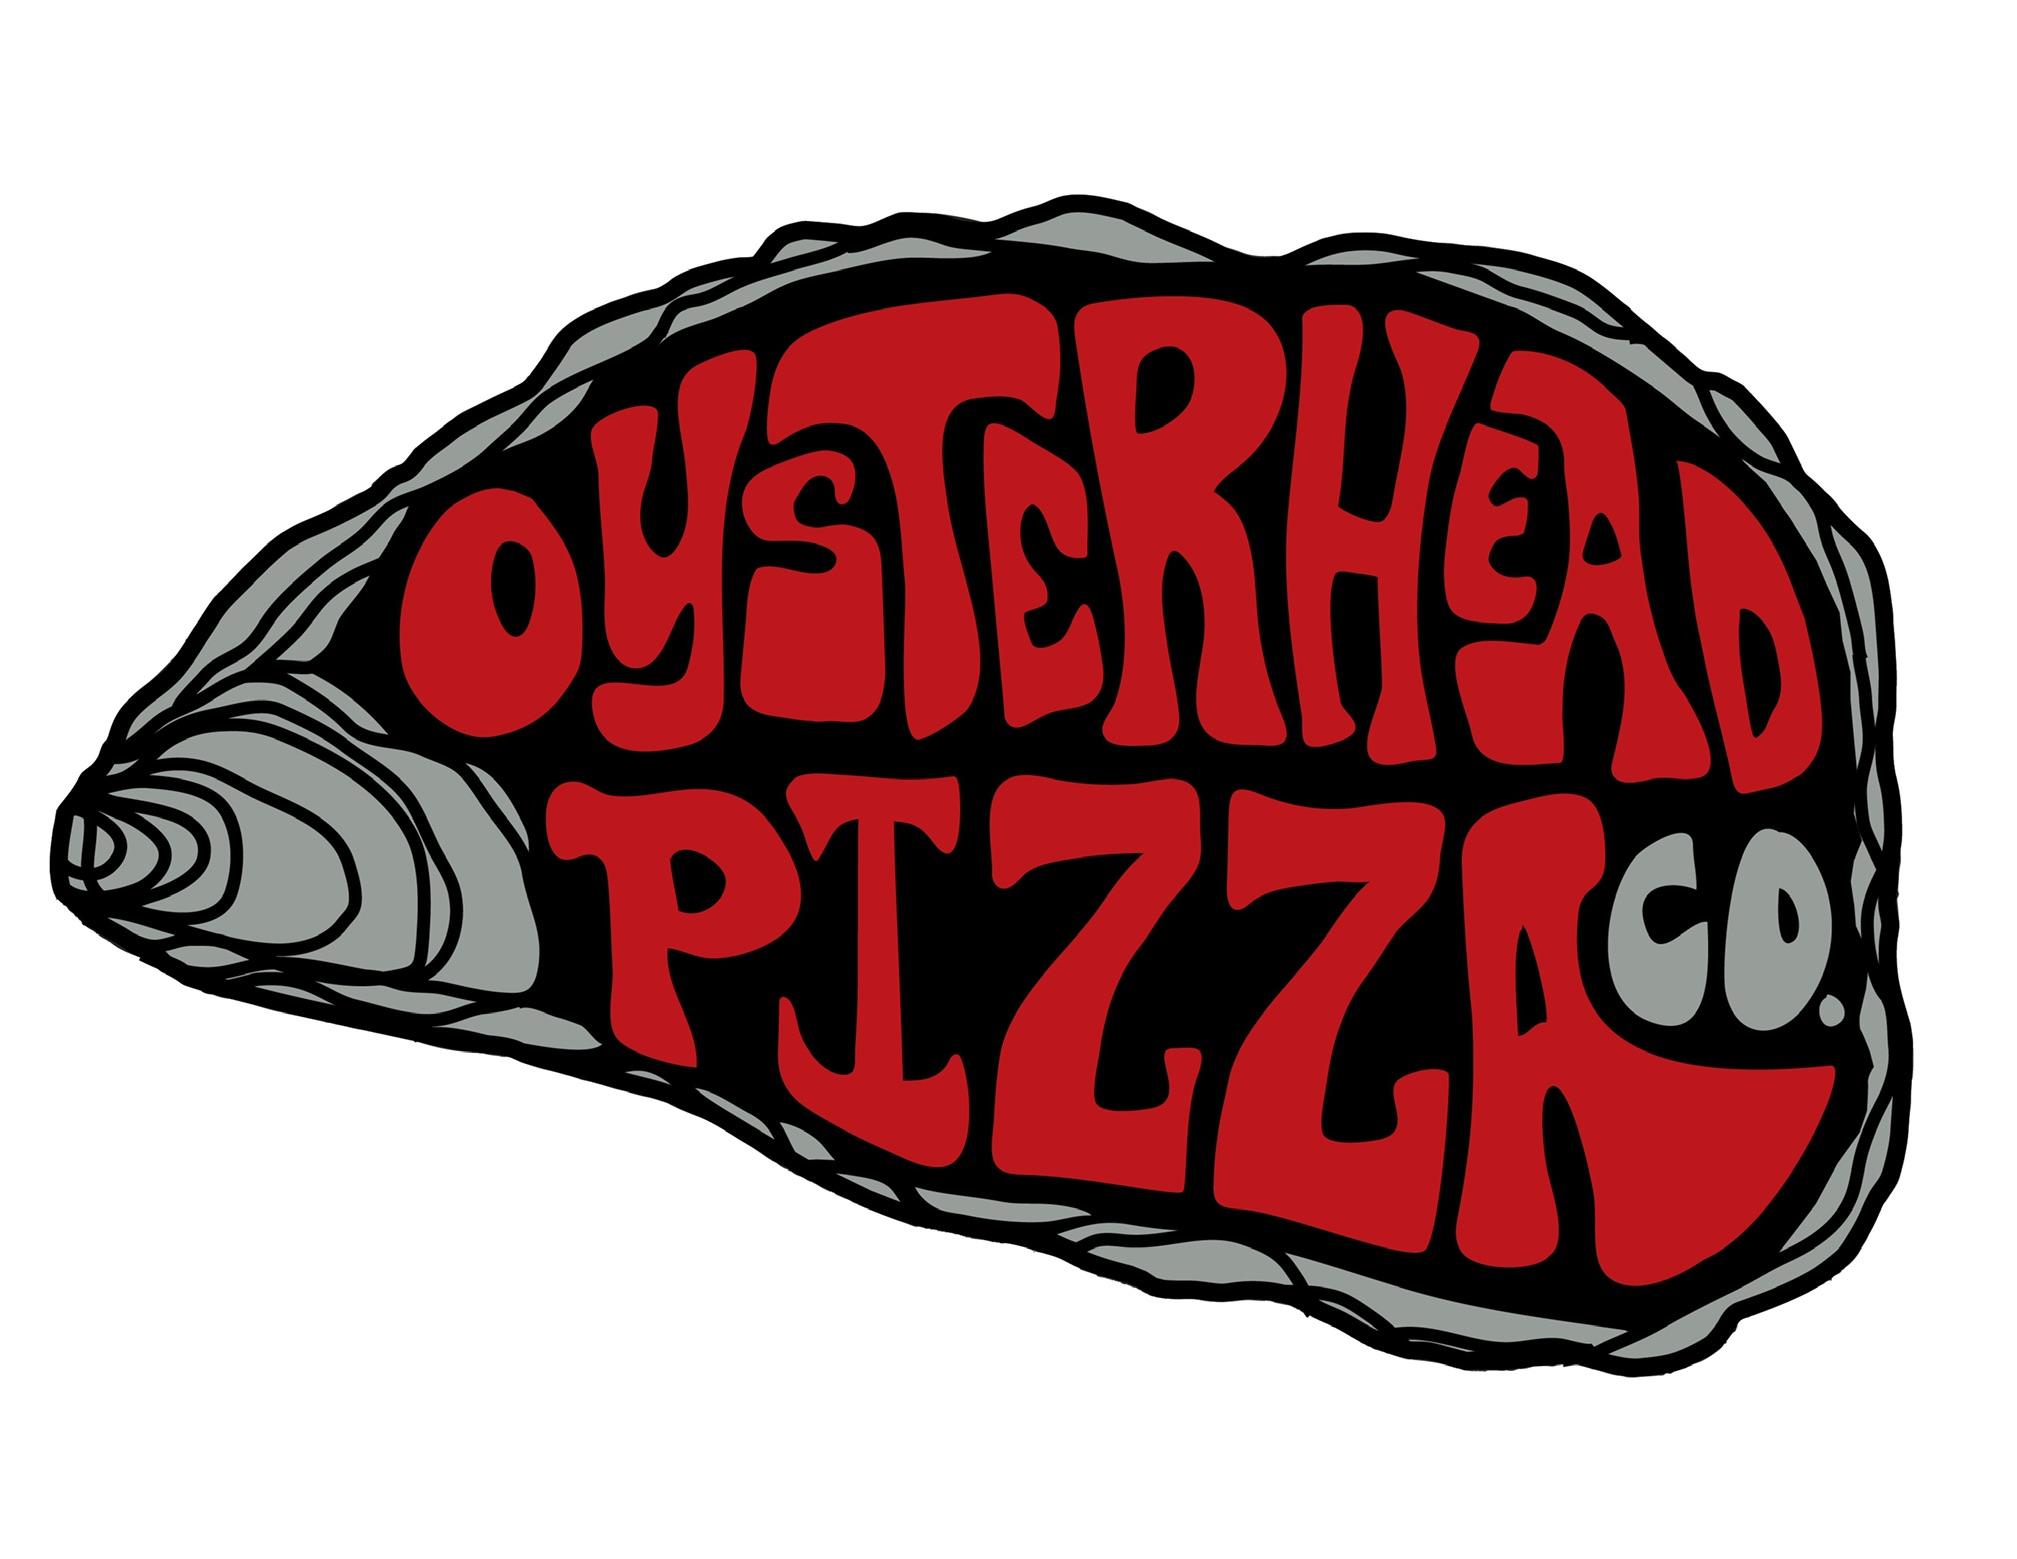 Oysterhead Pizza Co.